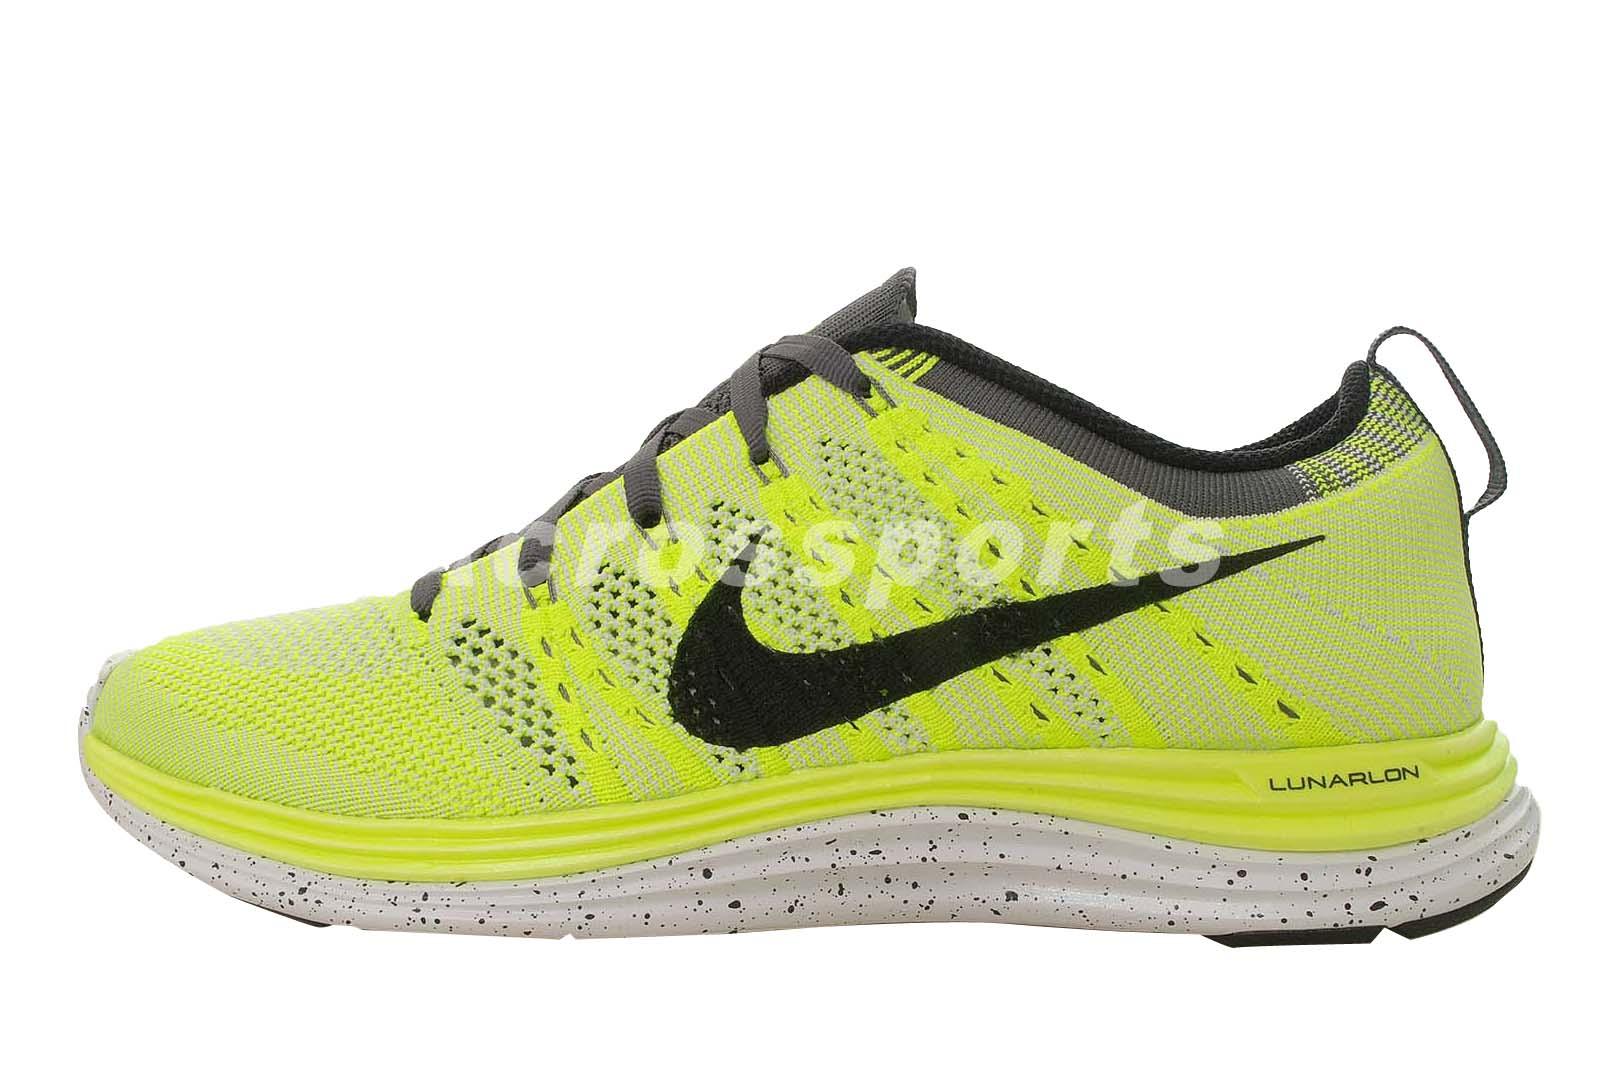 Unique Nike Wmns Flyknit Lunar1 One Womens Running Shoes Lunarlon Lightweight